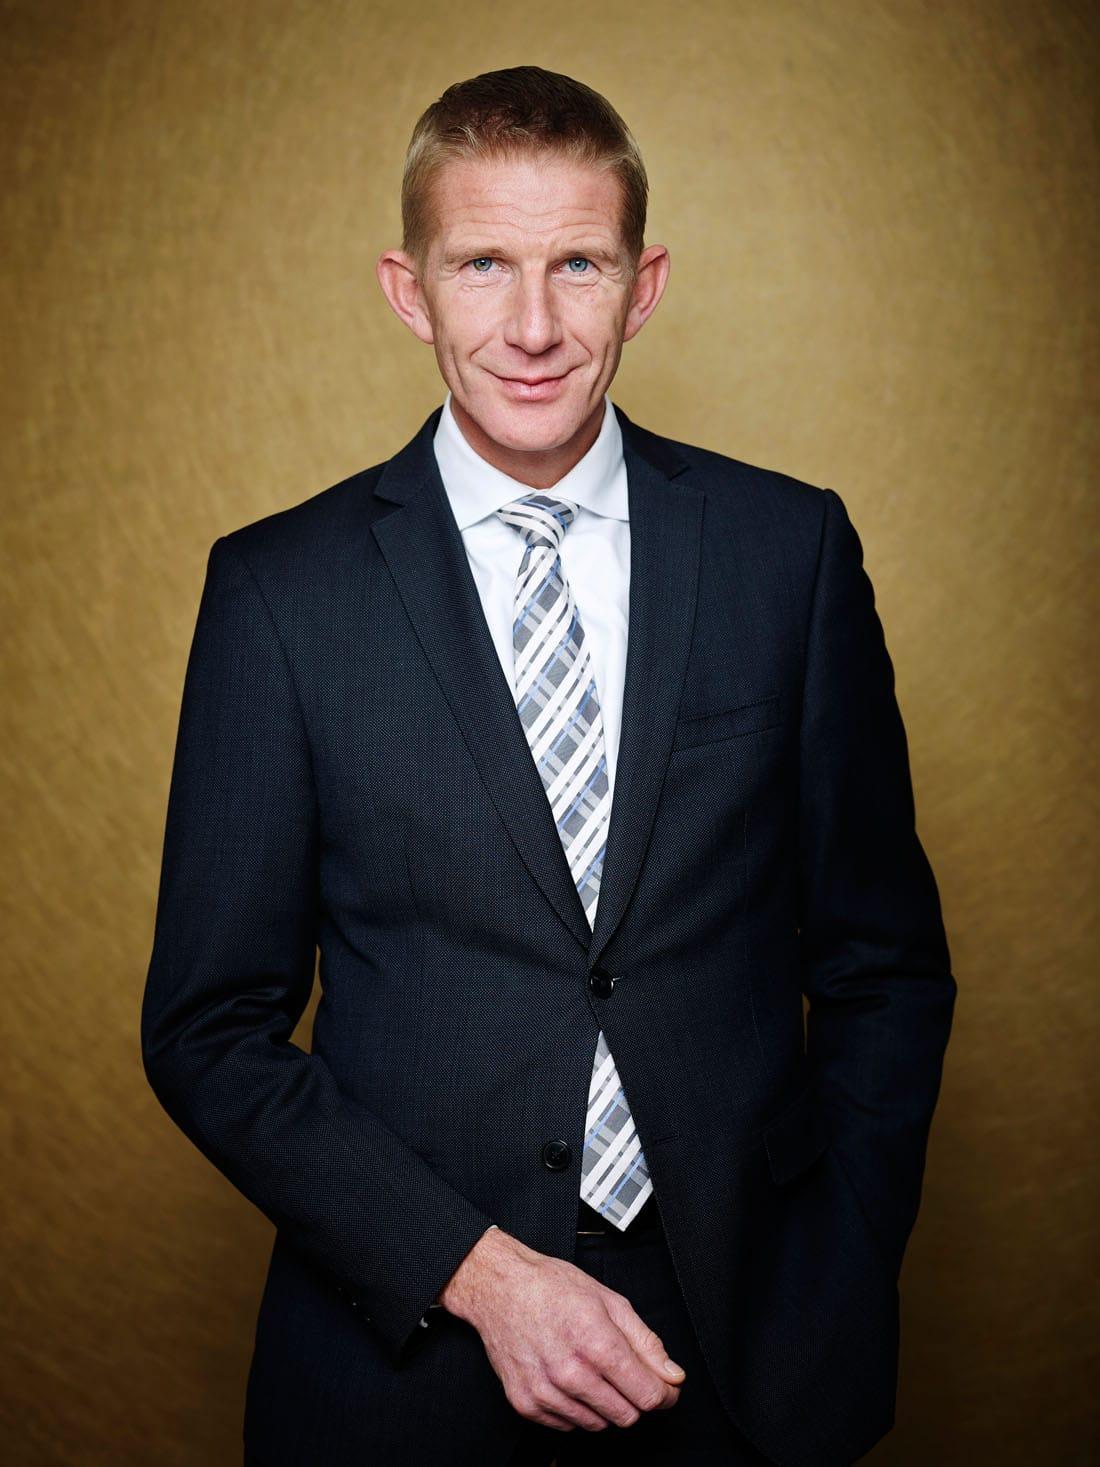 Nederland, Amsterdam, 26-10-2012 Jack de Vries, directie lid van het communicatieadviesbureau Hill & Knowlton. En is een voormalig Nederlands politicus en spindoctor. PHOTO AND COPYRIGHT ROGER CREMERS